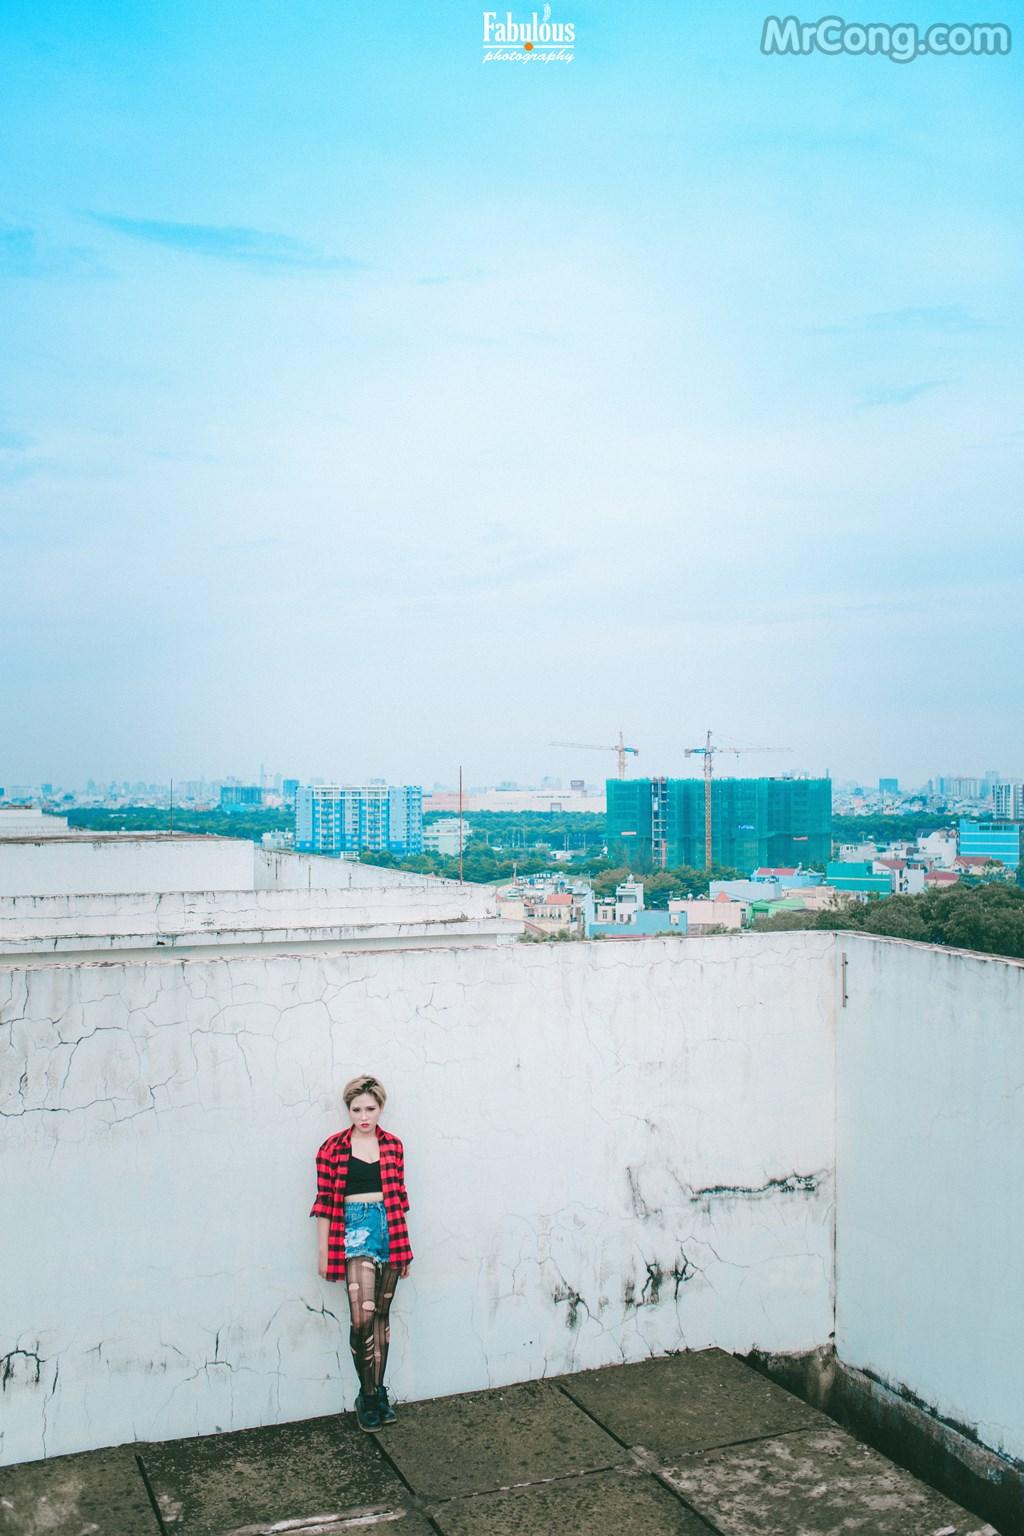 Image Girl-Xinh-Viet-Nam-by-Khanh-Hoang-MrCong.com-014 in post Tổng hợp ảnh girl xinh Việt Nam chất lượng cao – Phần 29 (314 ảnh)